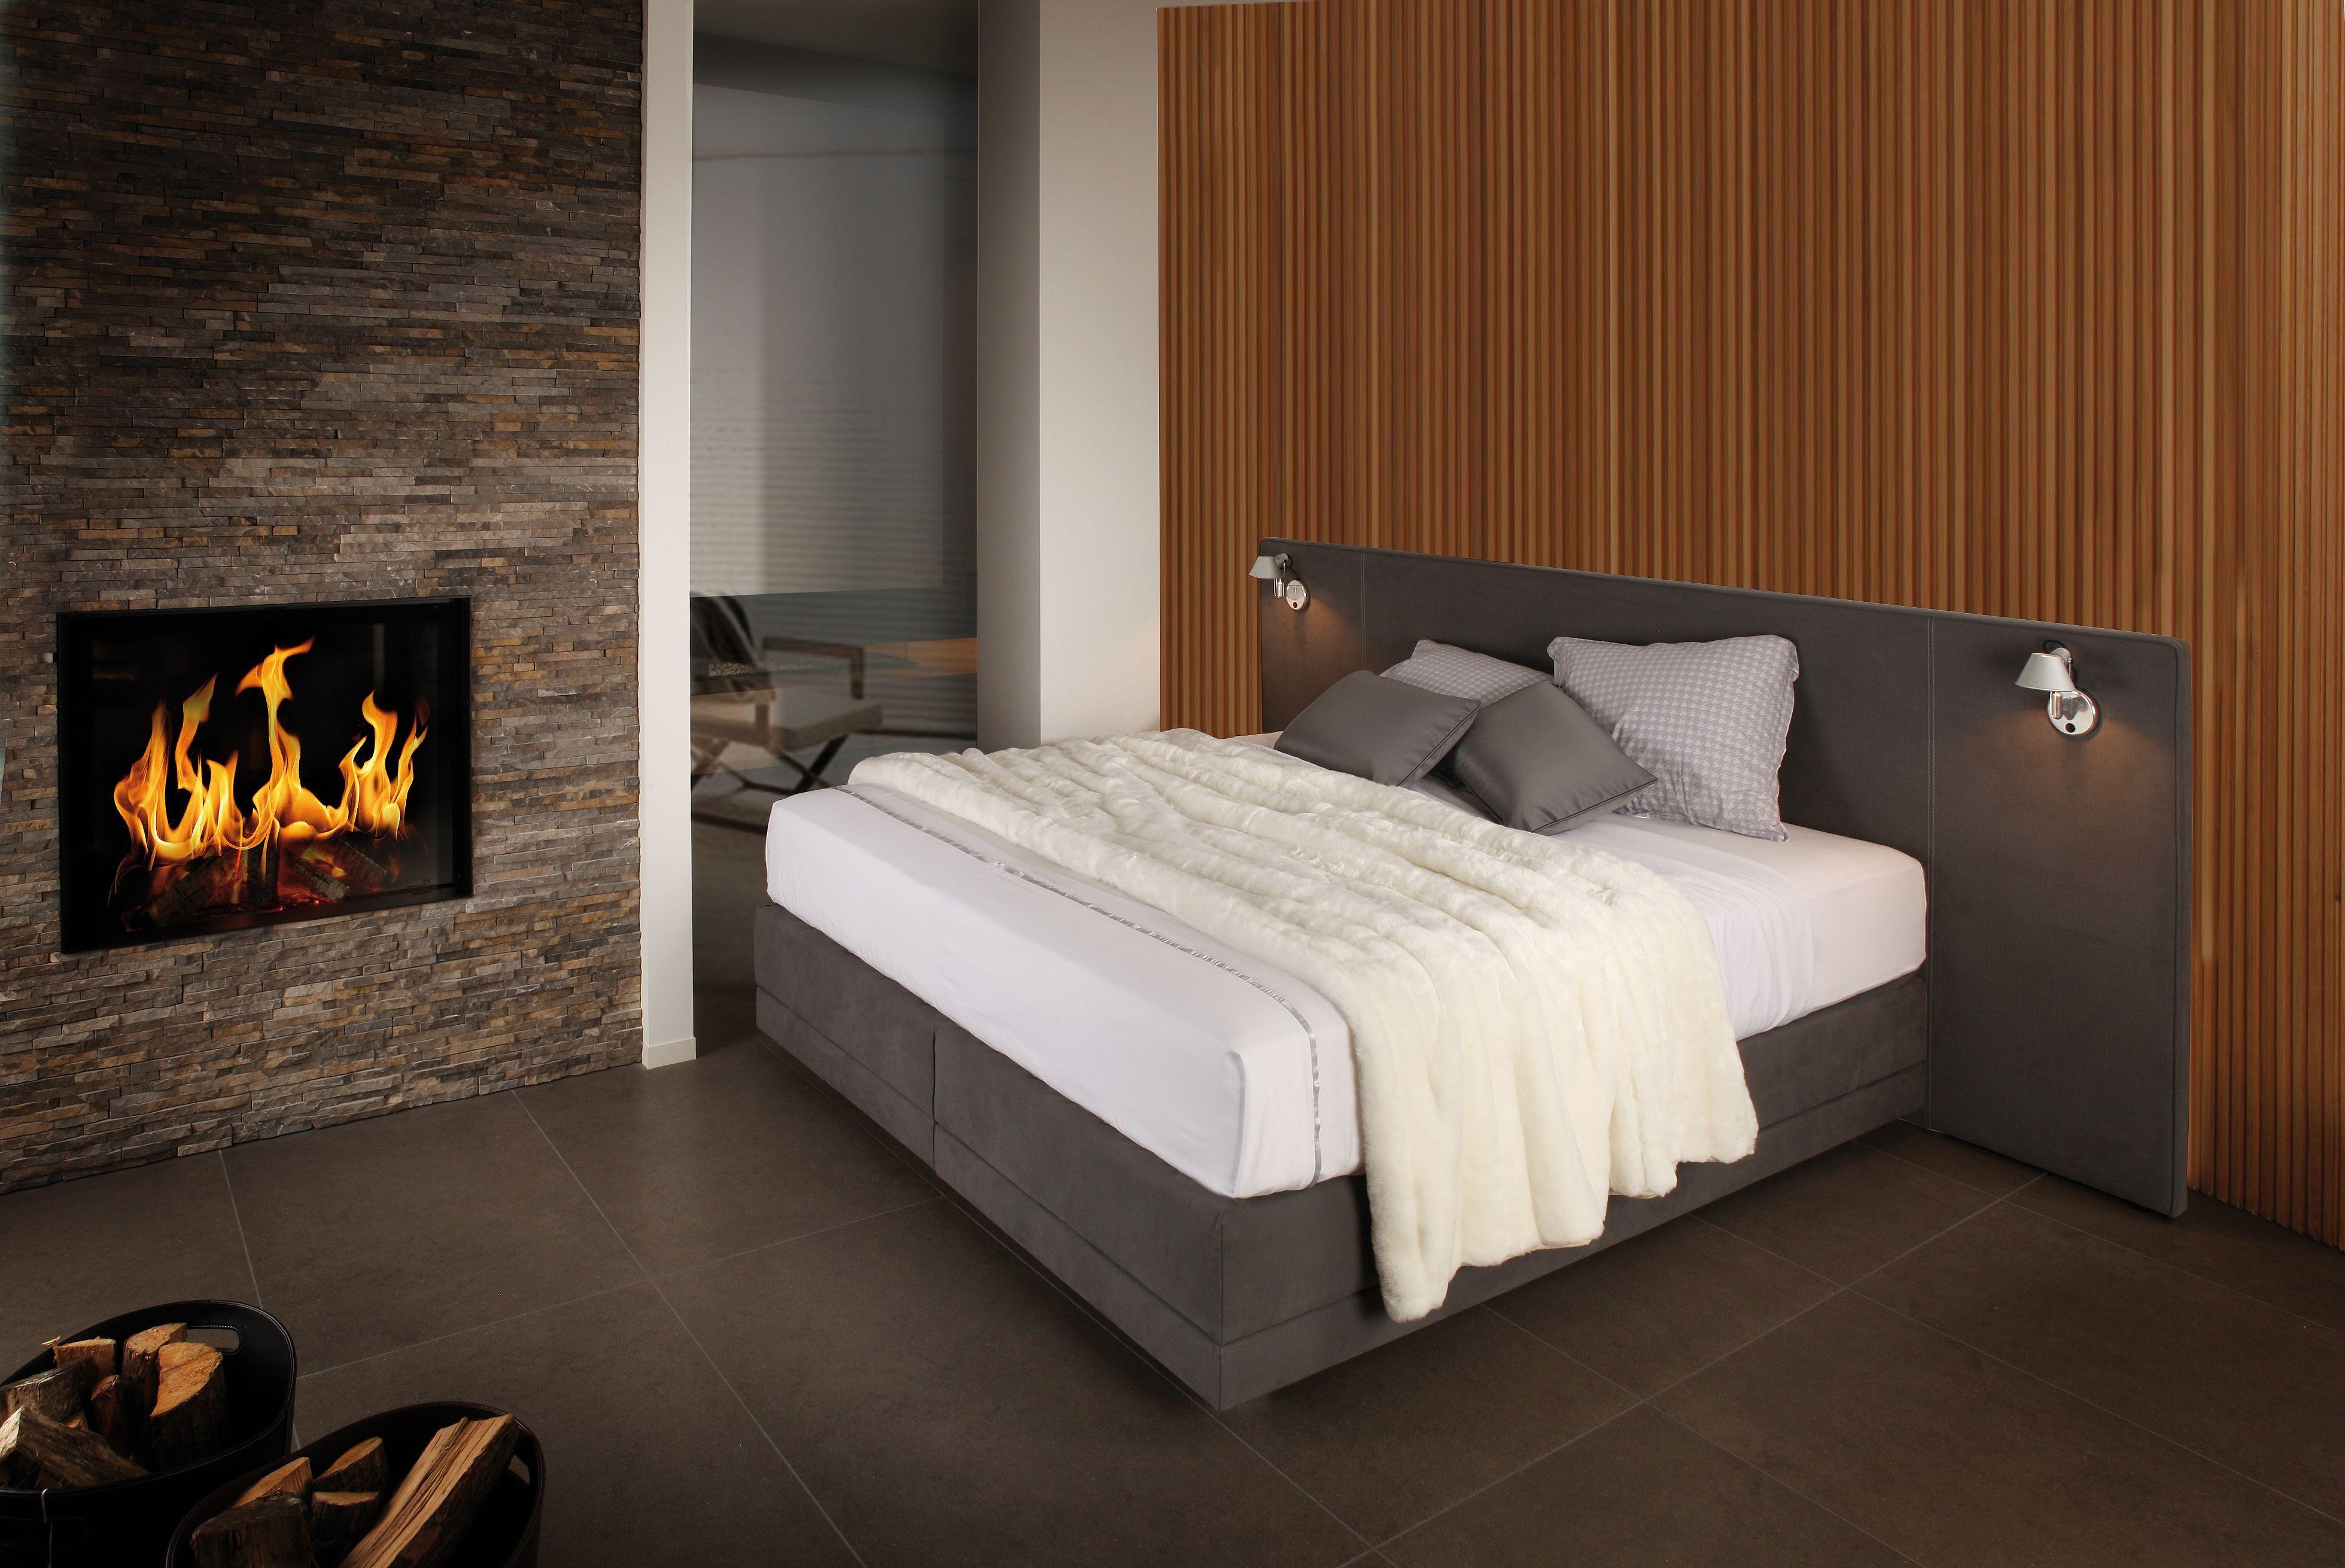 Schlafzimmermöbel hersteller ~ Die besten eiche schlafzimmermöbel ideen auf